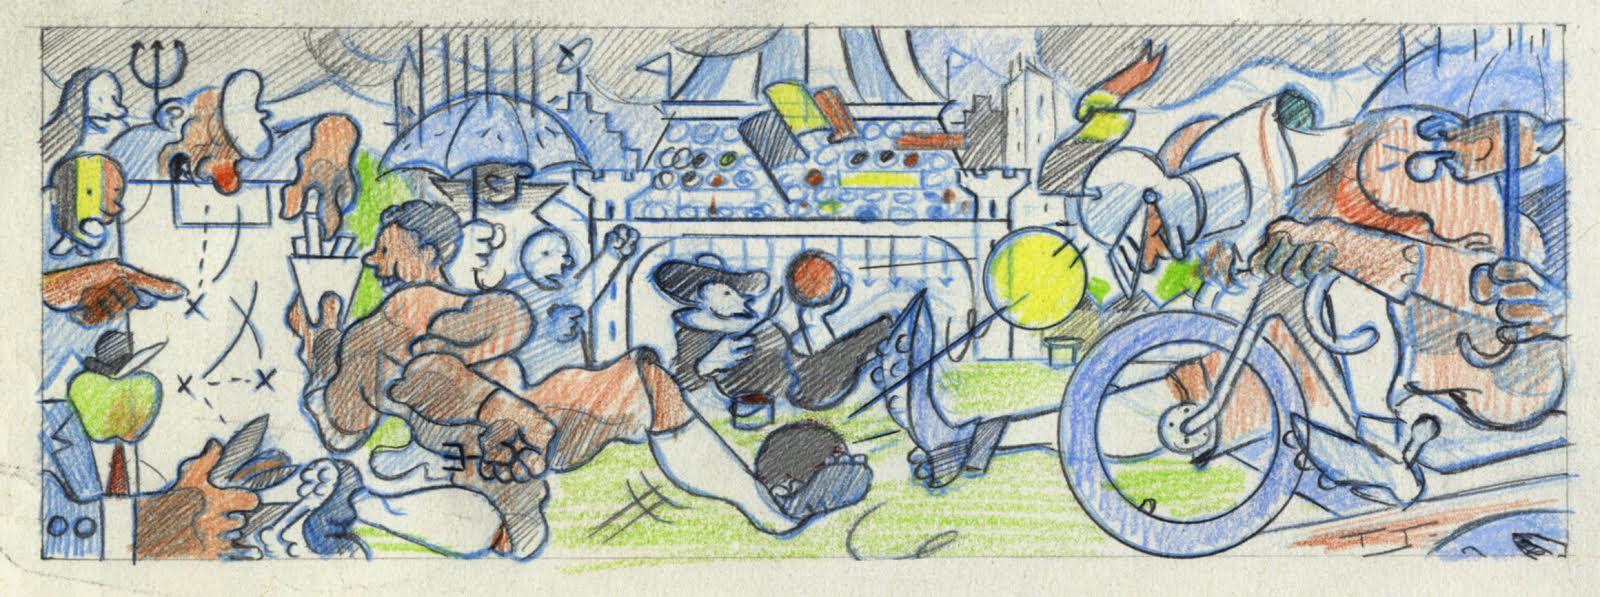 Belgium World Cup Doodle Sketch